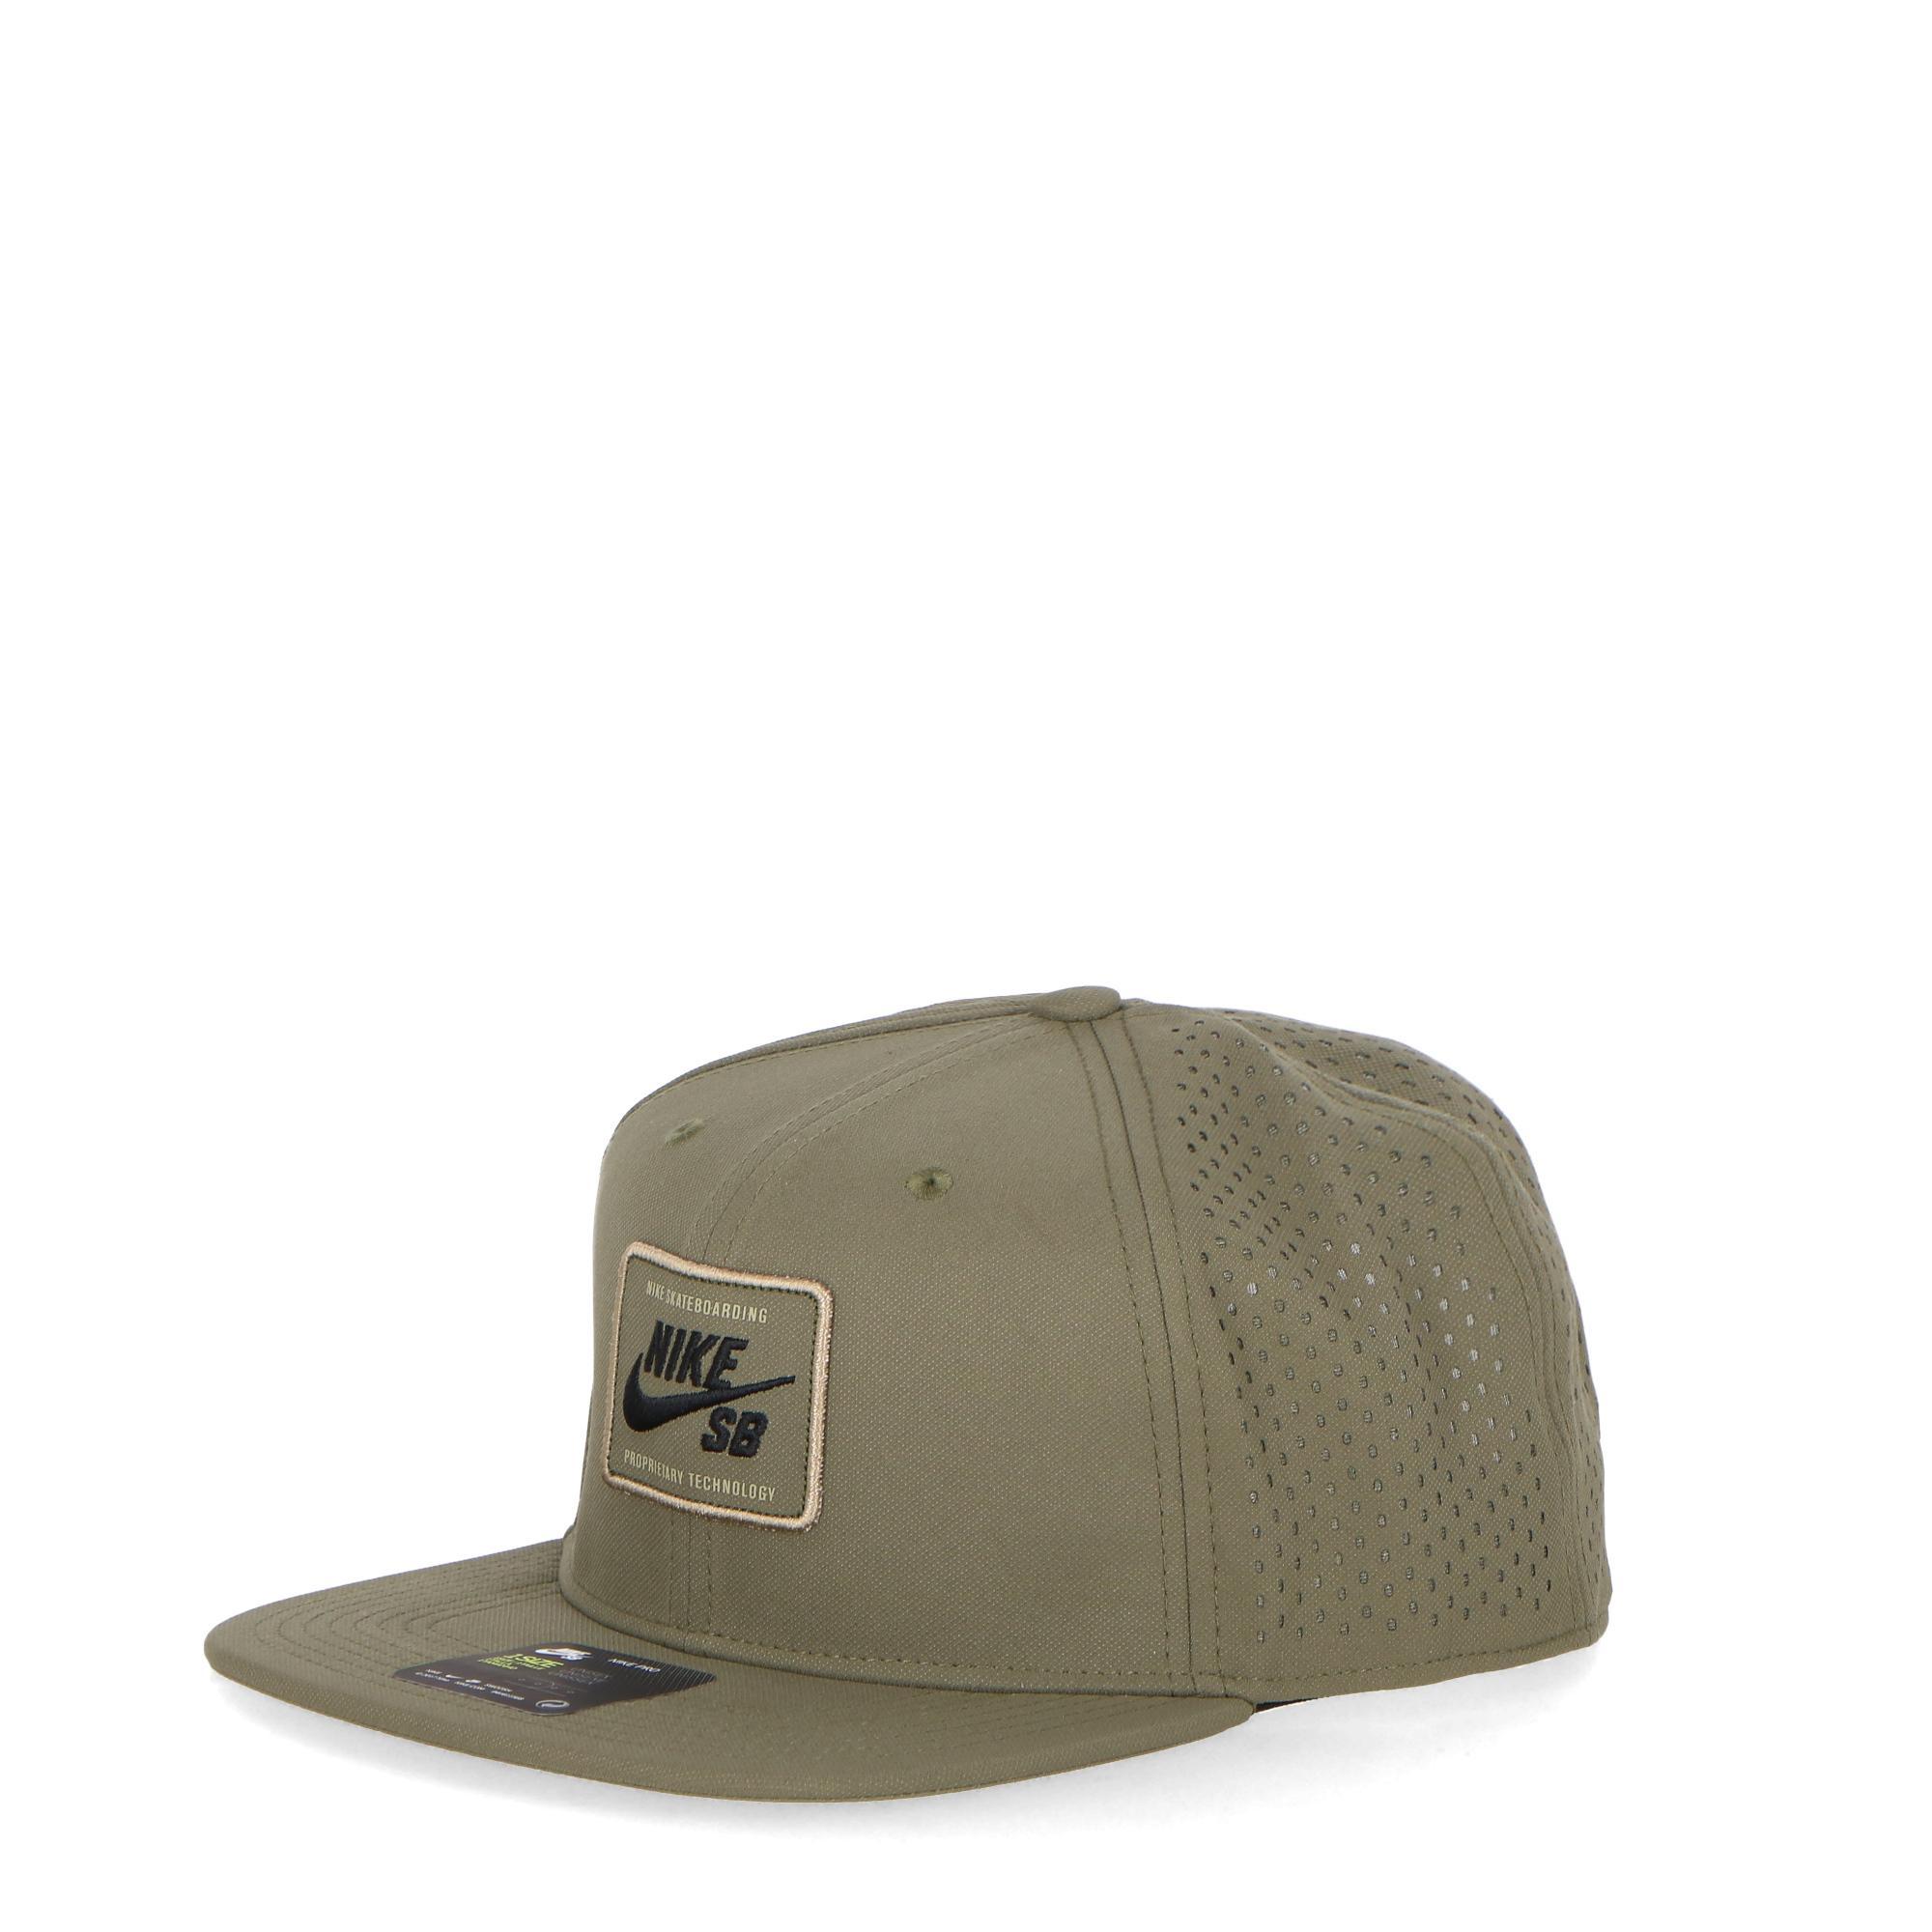 5c90dc6b1c1d4 Nike Sb Arobill Pro Cap 2.0 Medium Olive